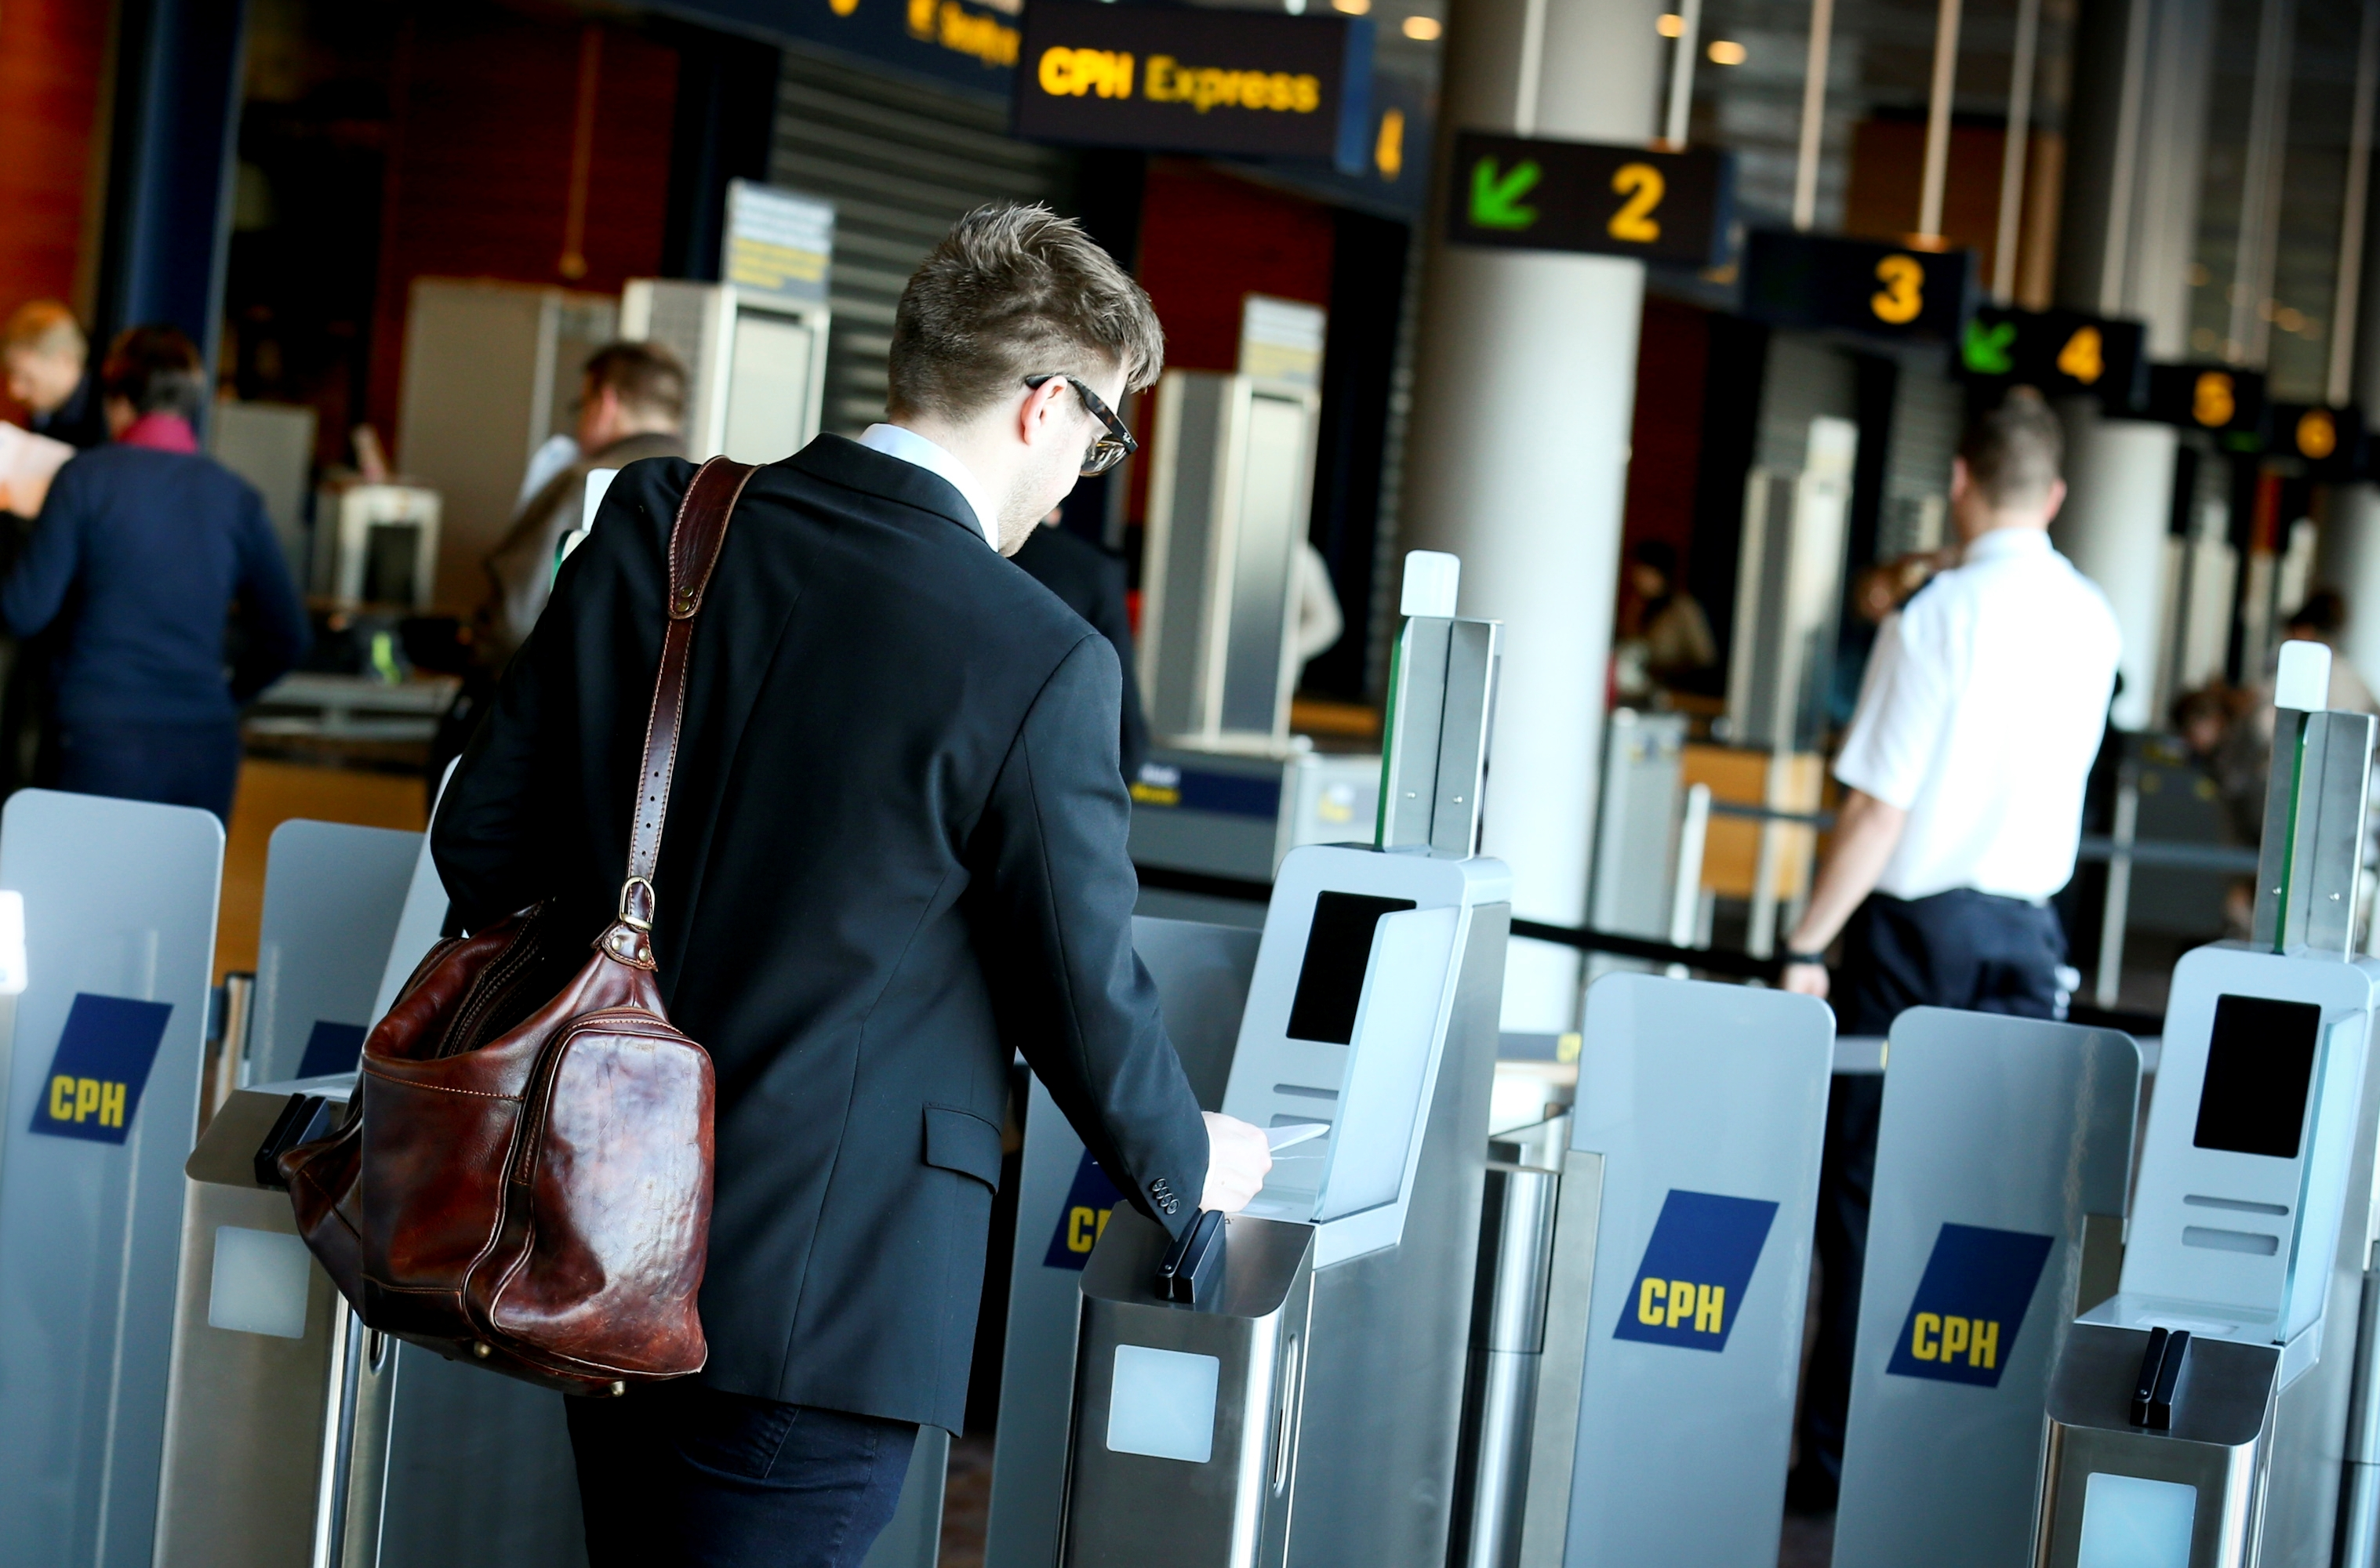 I Danmark reserveres 45 procent af alle firmabilletter mere end to uger inden afrejse, oplyser erhvervsrejsebureauet Egencia i ny analyse. Arkivfoto fra Københavns Lufthavn.